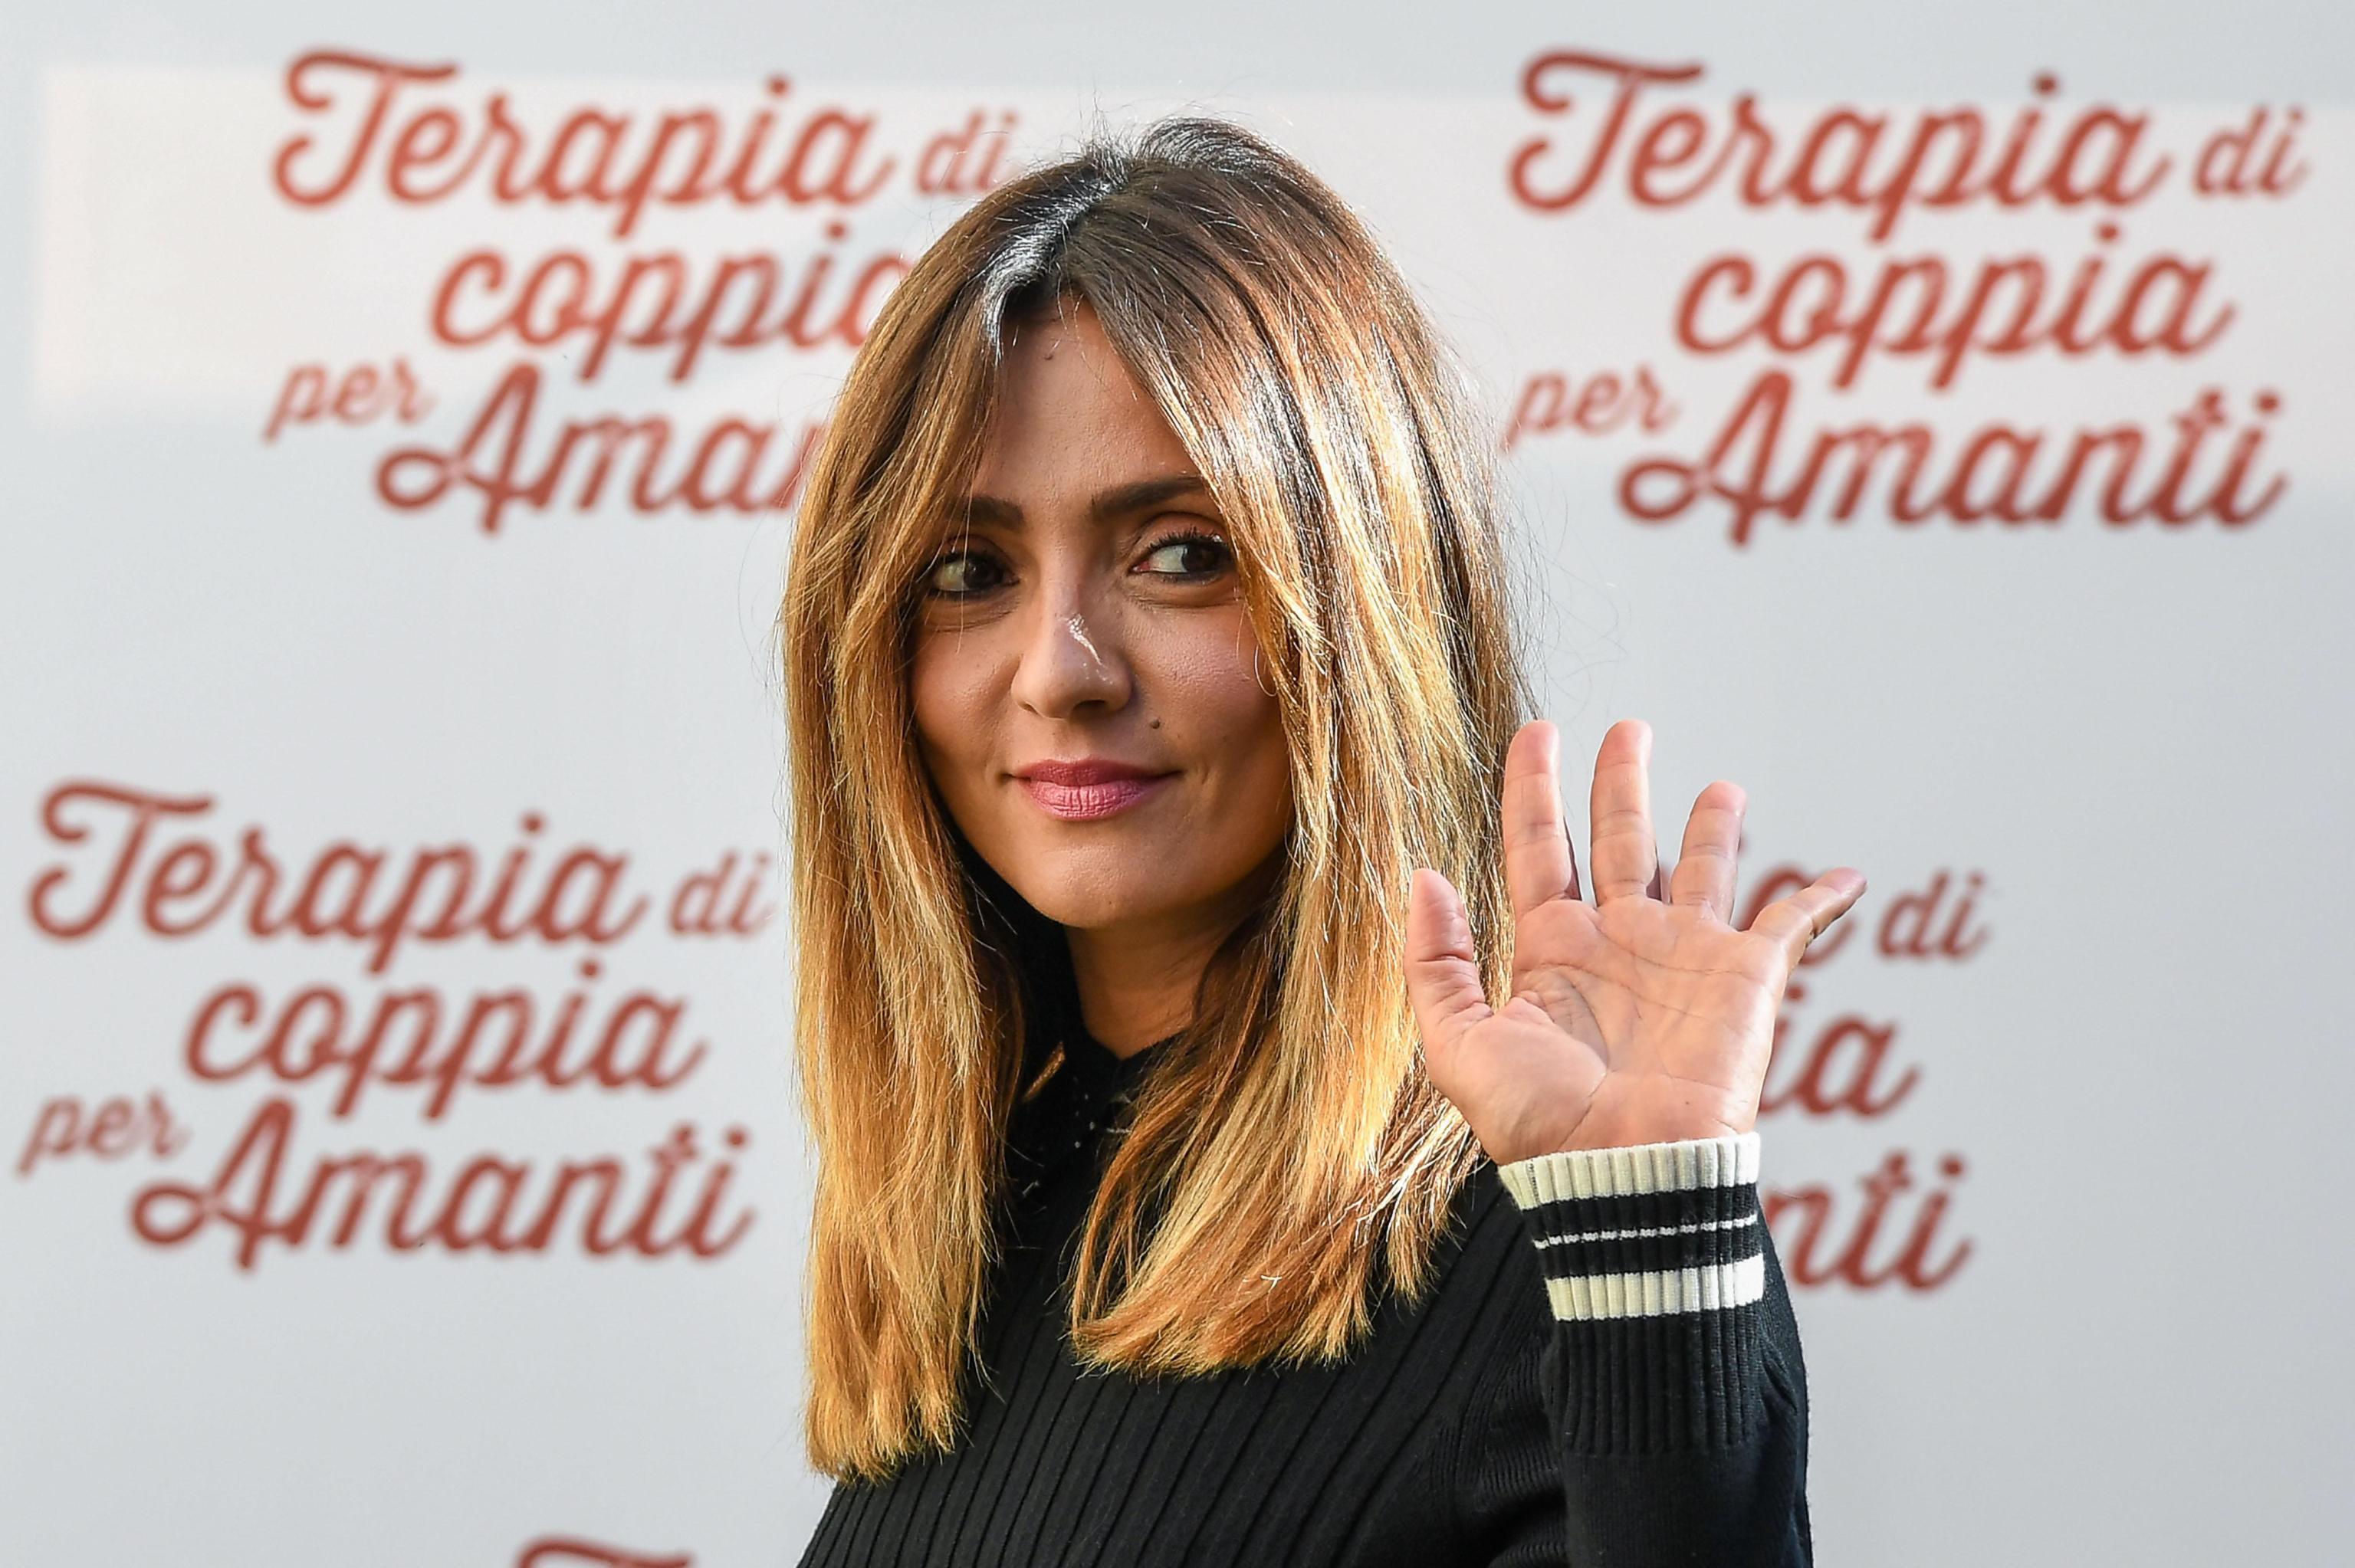 Ambra Angiolini e Massimiliano Allegri, anello al dito su Instagram: fidanzamento ufficiale?